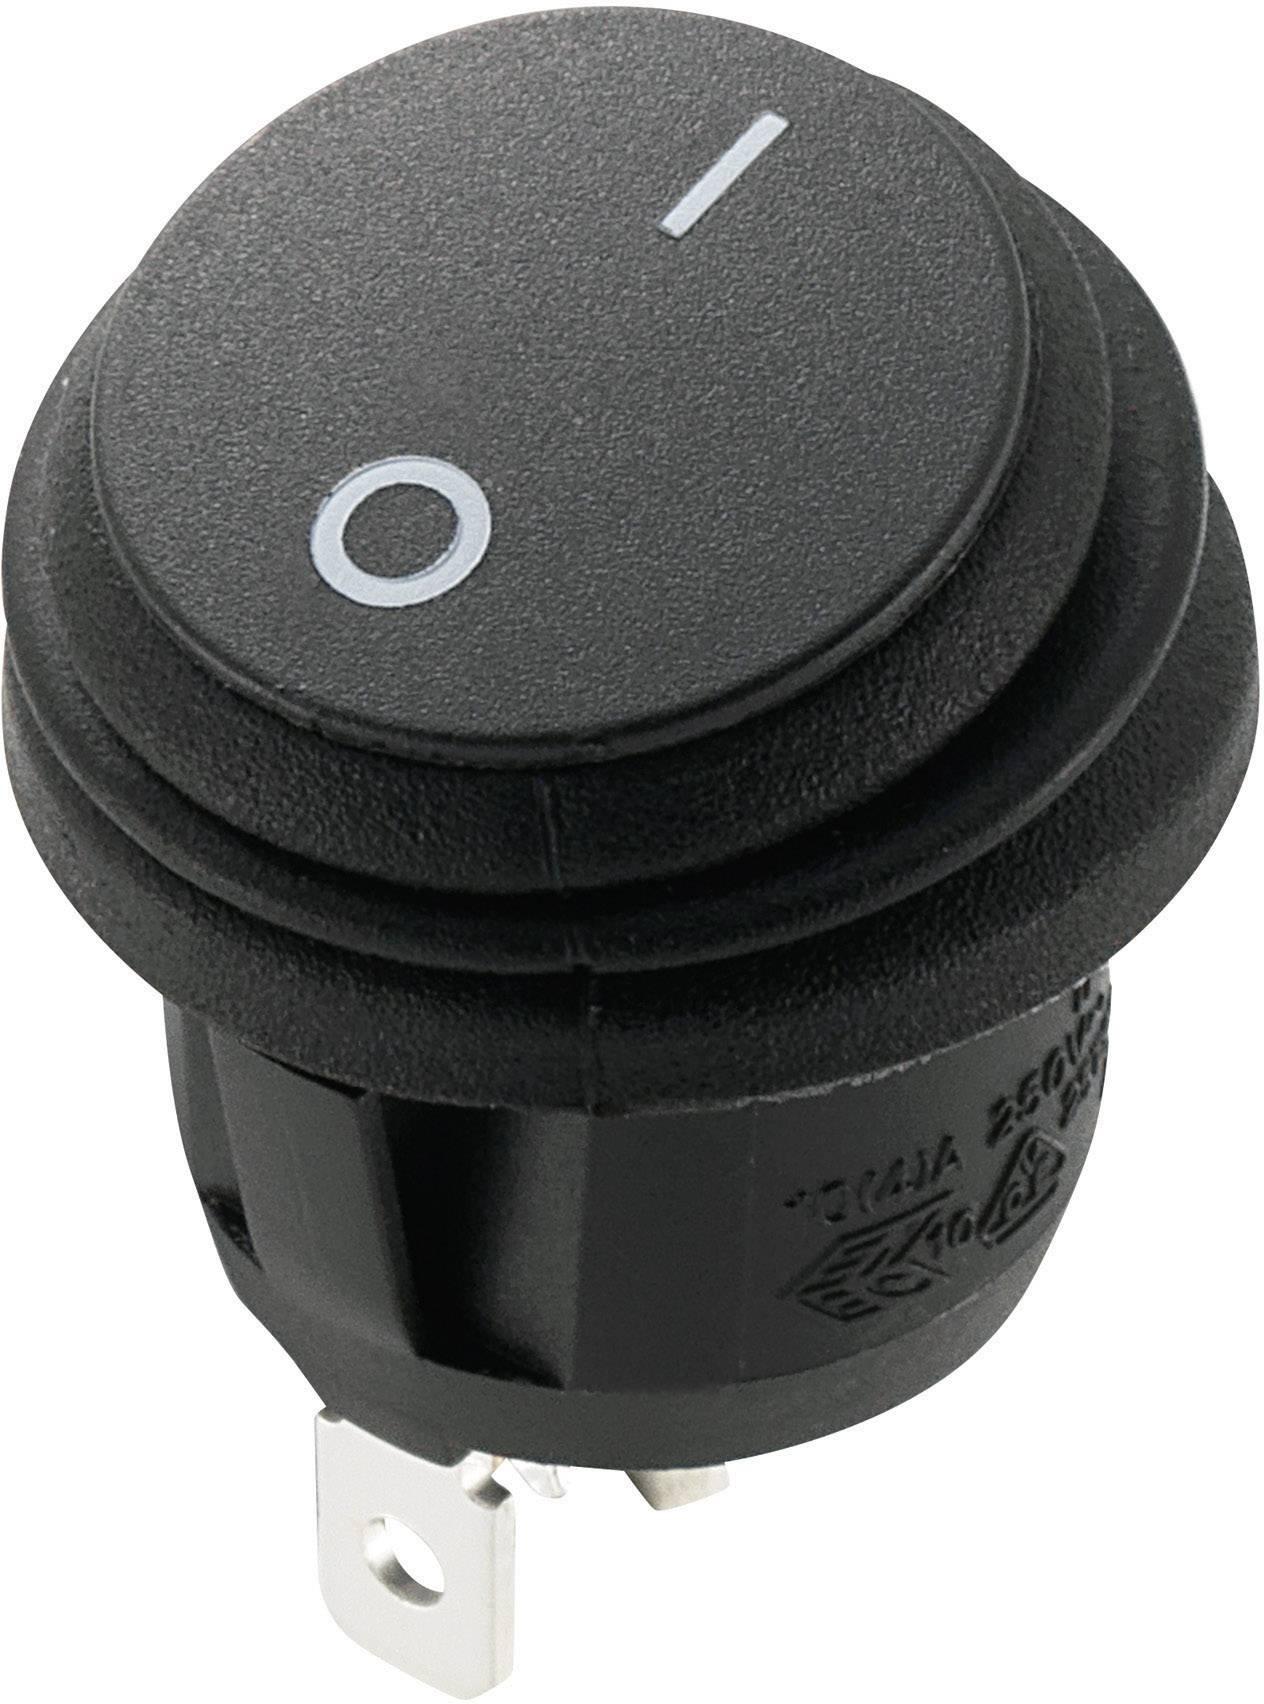 Kolískový spínač s aretáciou TRU COMPONENTS TC-R13-112A8-02, 250 V/AC, 10 A, 1x vyp/zap, 1 ks